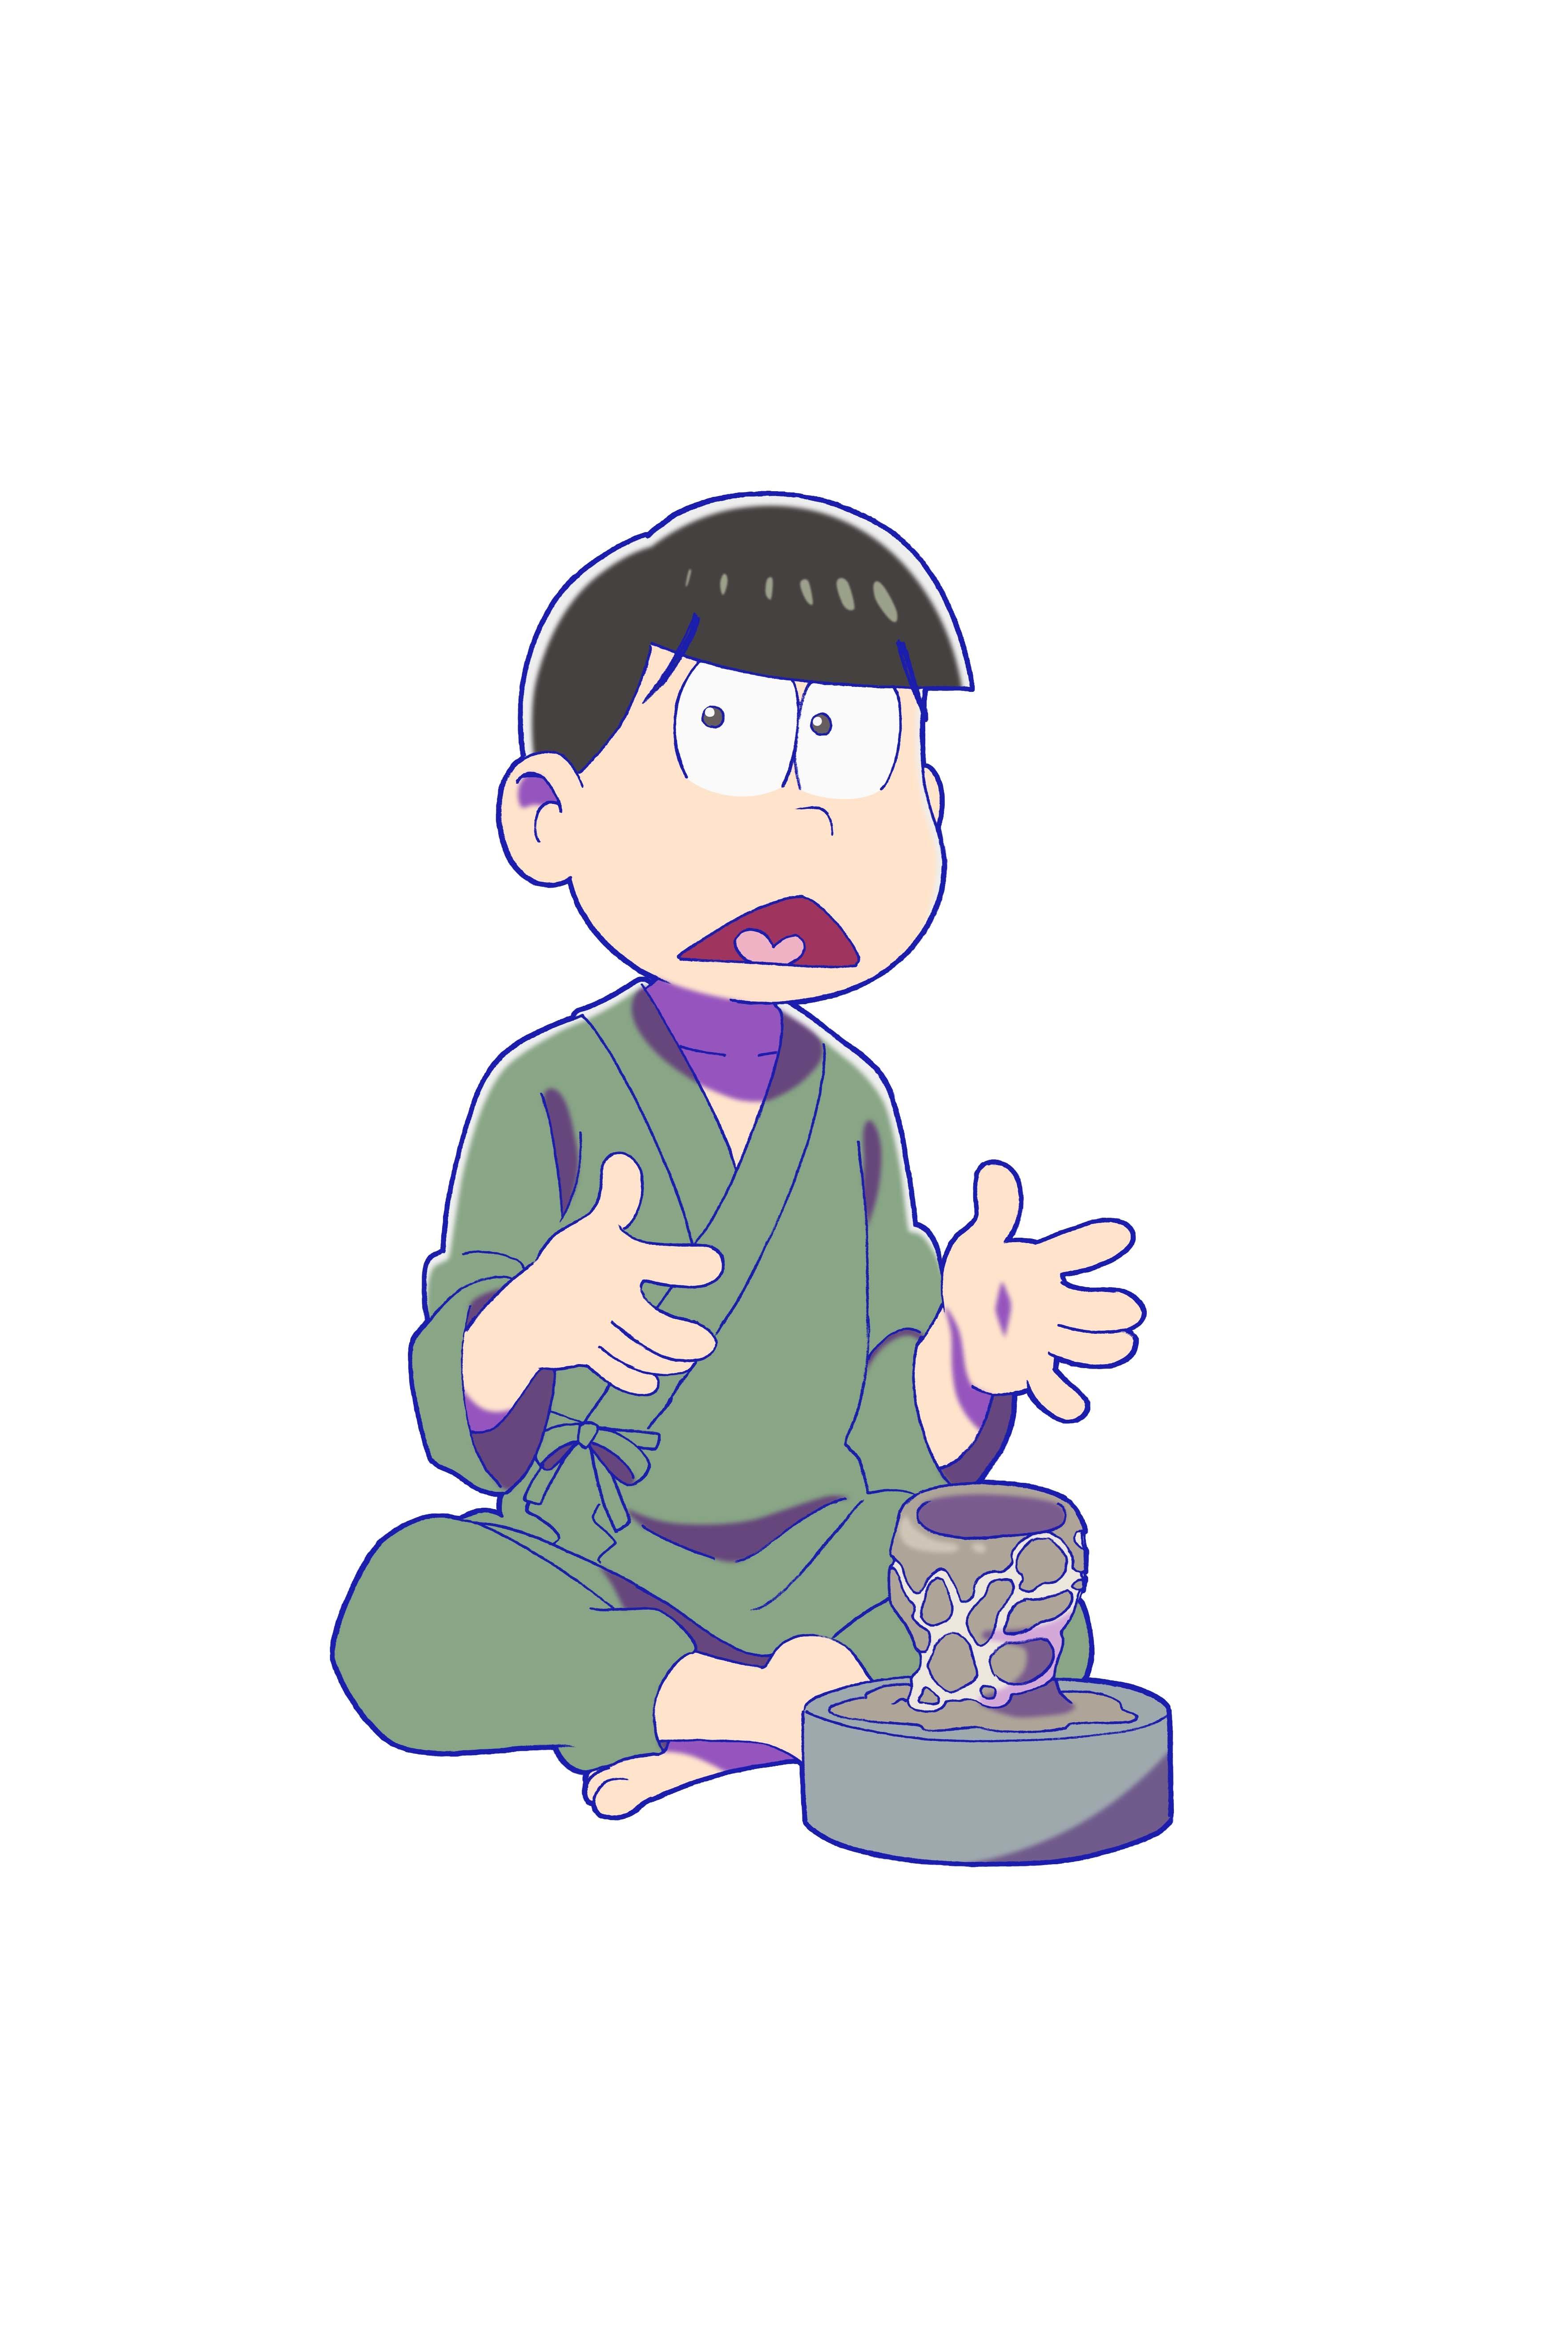 チョロ松×唐津焼 ©赤塚不二夫/おそ松さん製作委員会